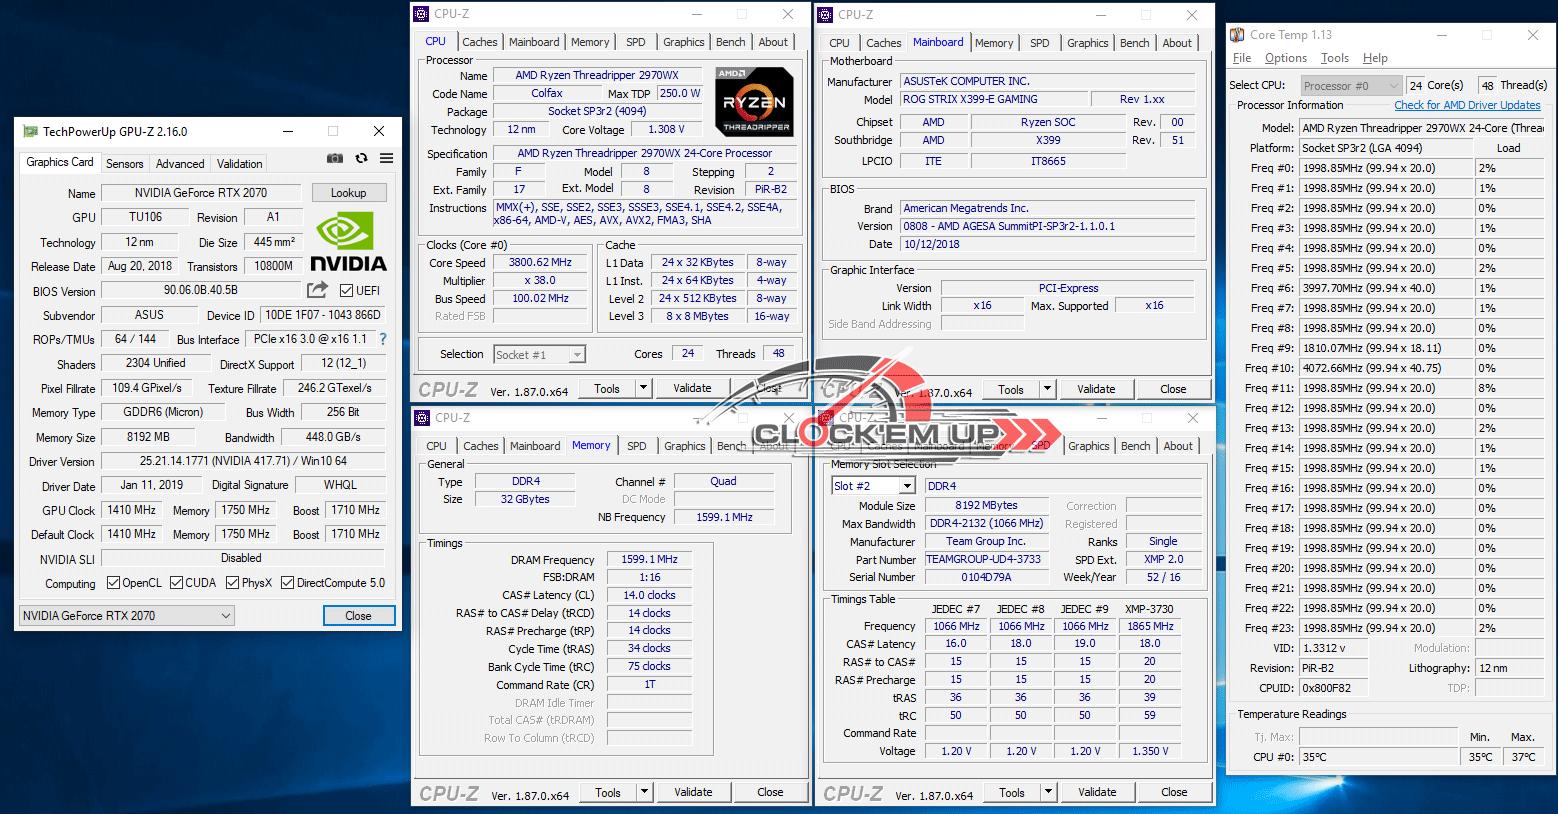 รีวิว Antec VP Value Power PLUS 700Watt 80 Plus PSU - Page 2